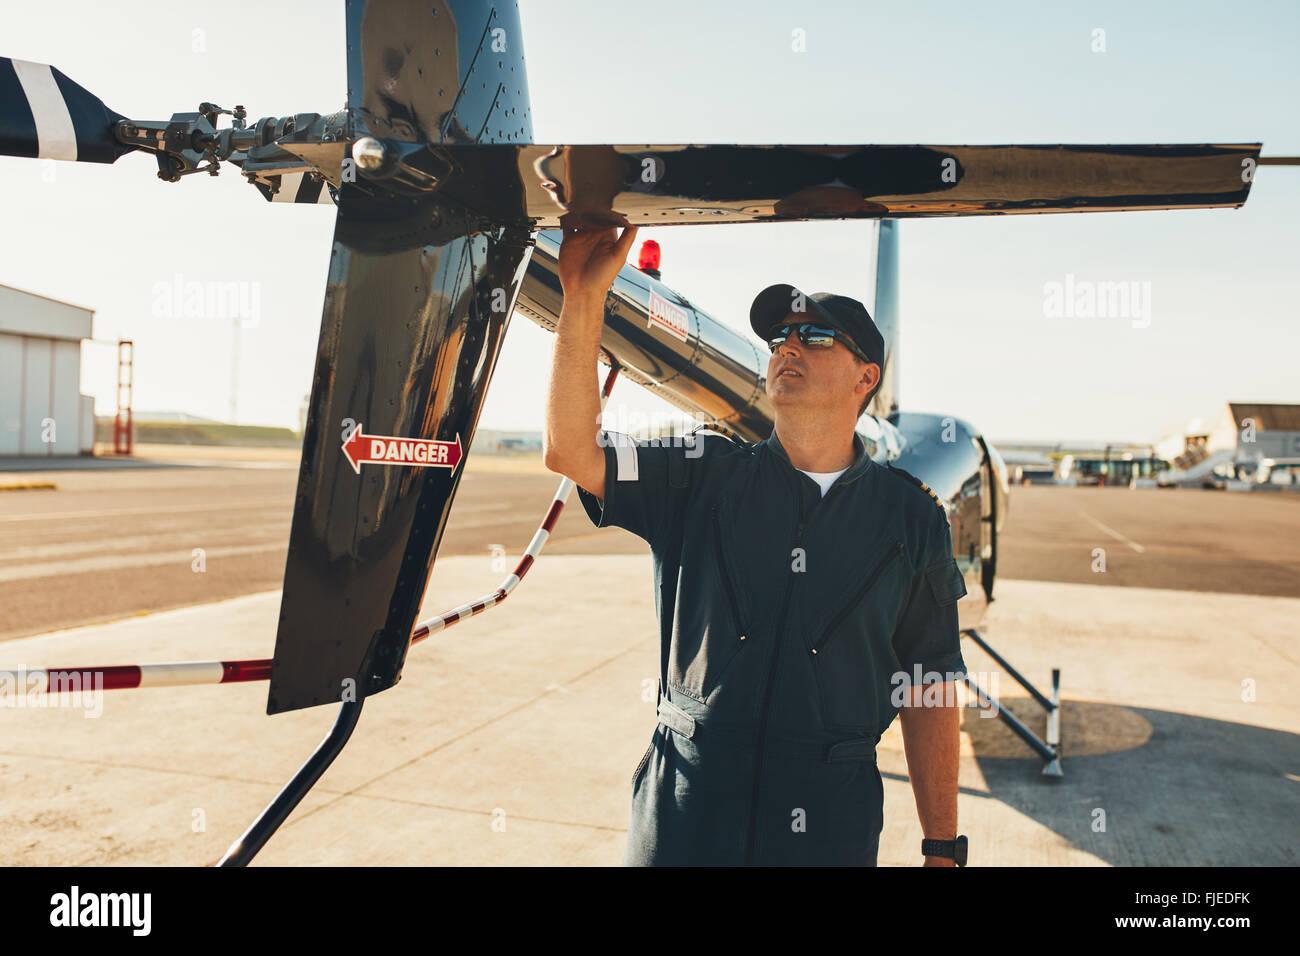 Homme en uniforme de pilote d'hélicoptère d'aile arrière. L'inspection par pilote à Photo Stock